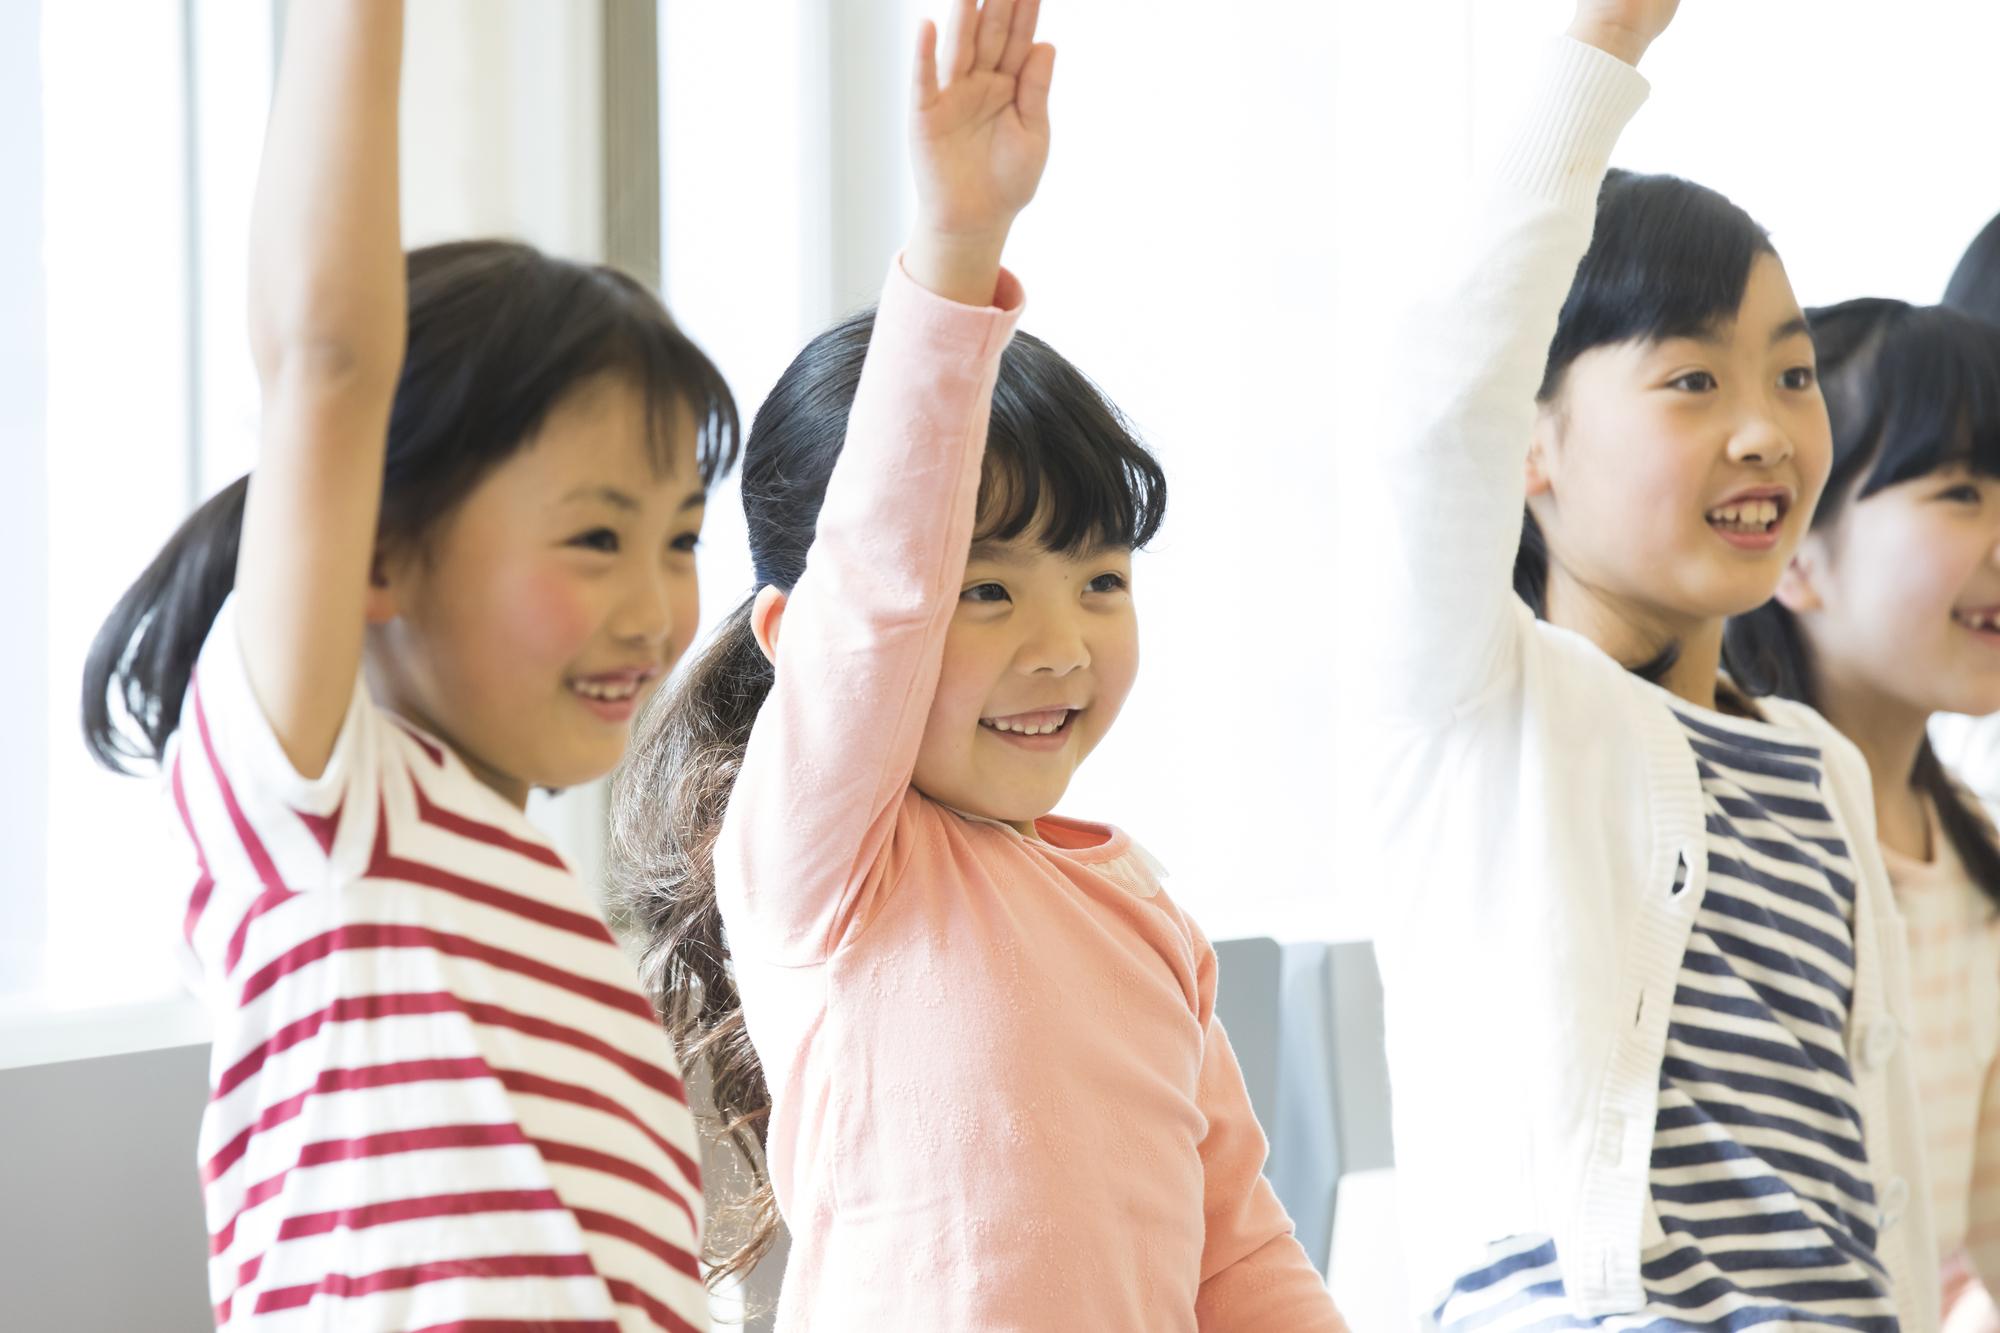 子どもたちと出来る防犯対策【防犯訓練・いかのおすし】